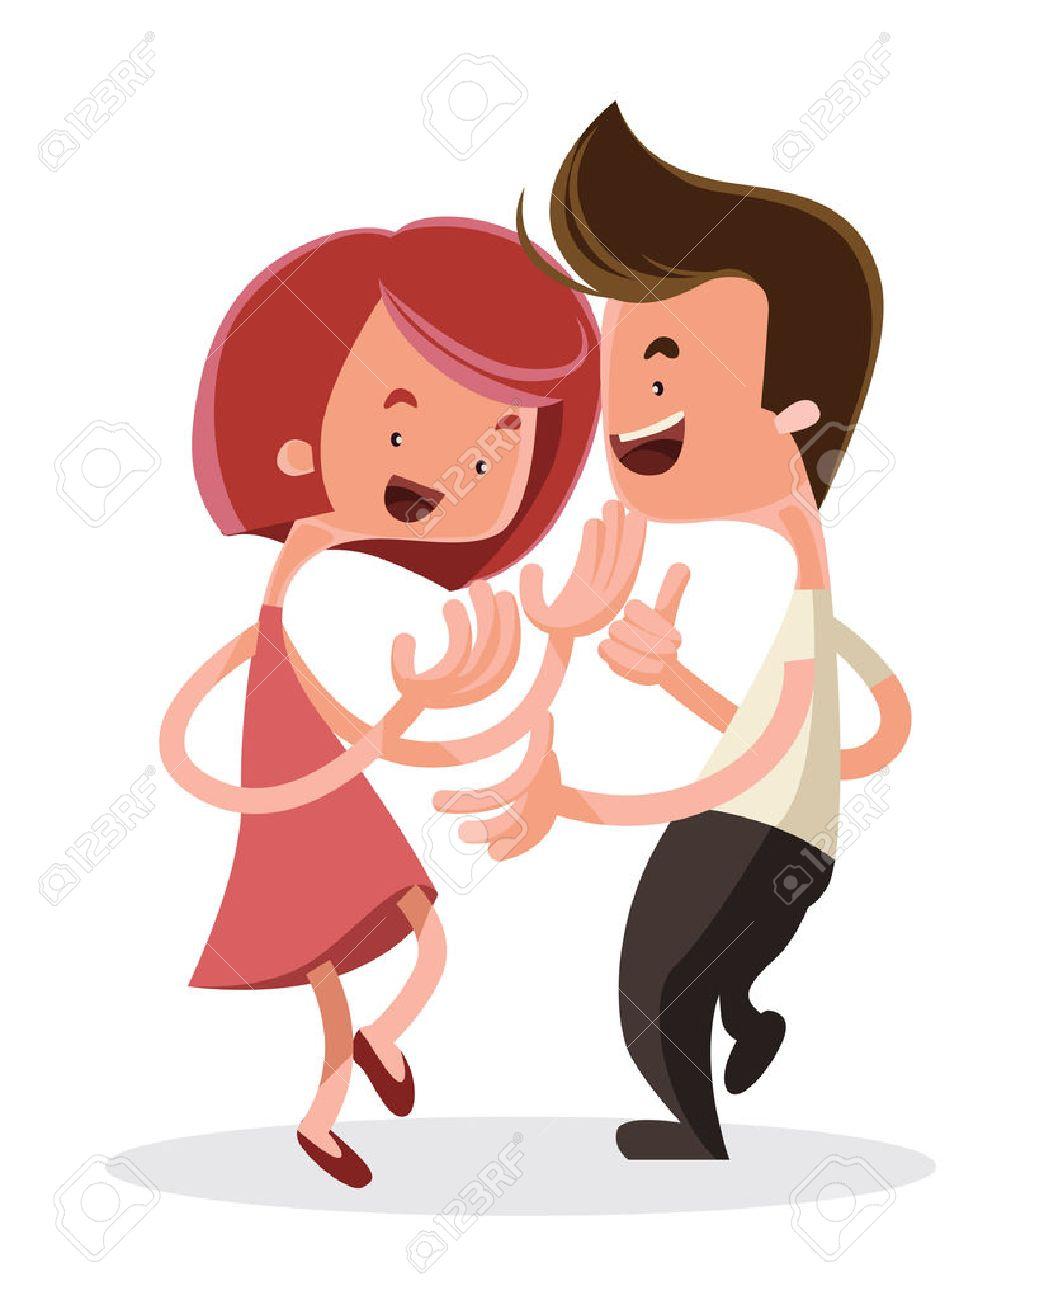 若いカップルのベクトル イラスト漫画のキャラクターをダンス